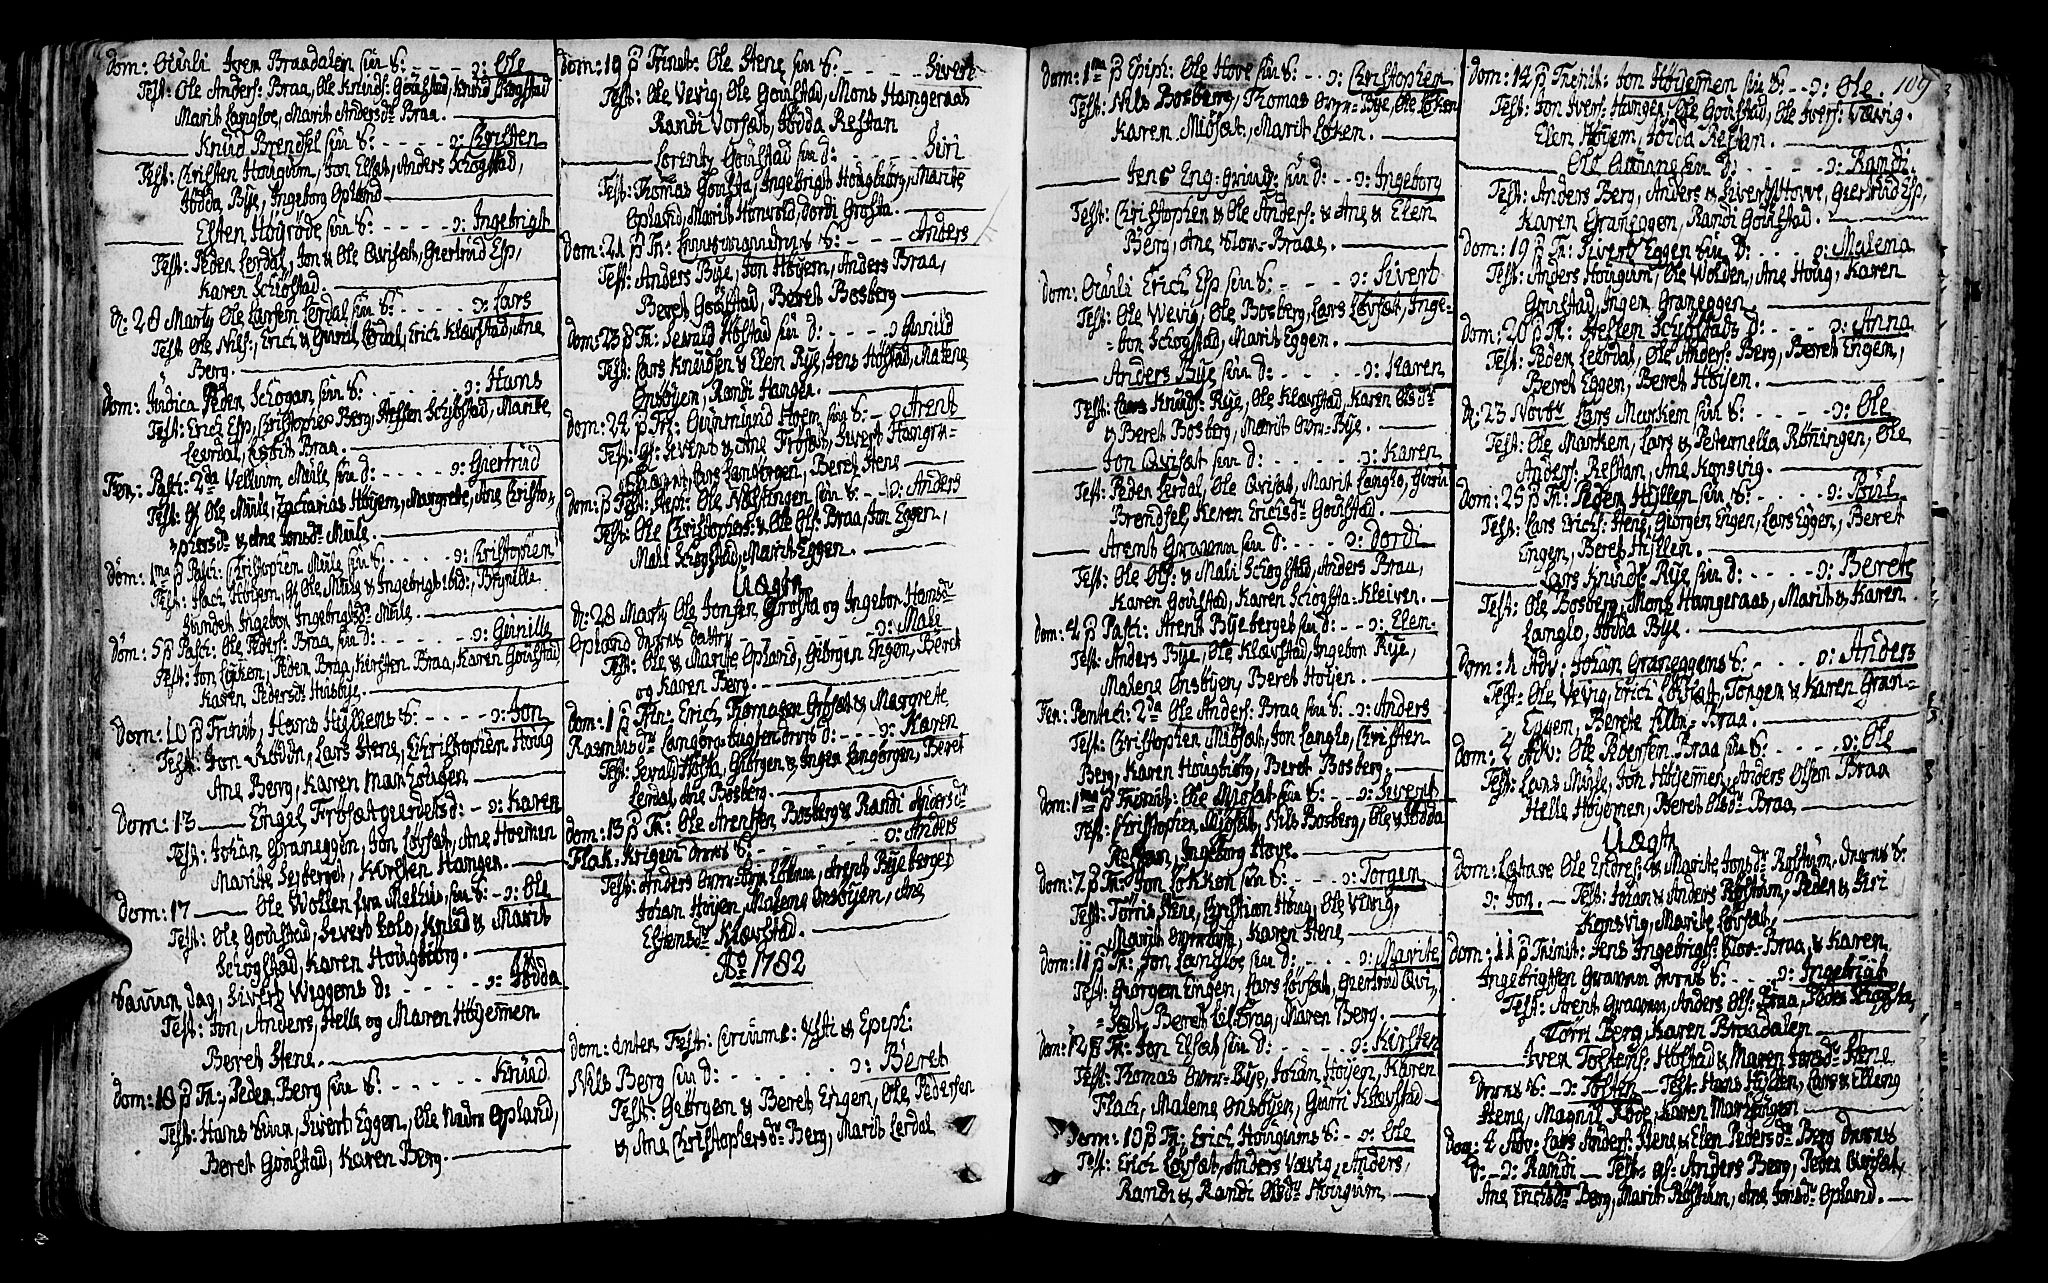 SAT, Ministerialprotokoller, klokkerbøker og fødselsregistre - Sør-Trøndelag, 612/L0370: Ministerialbok nr. 612A04, 1754-1802, s. 109